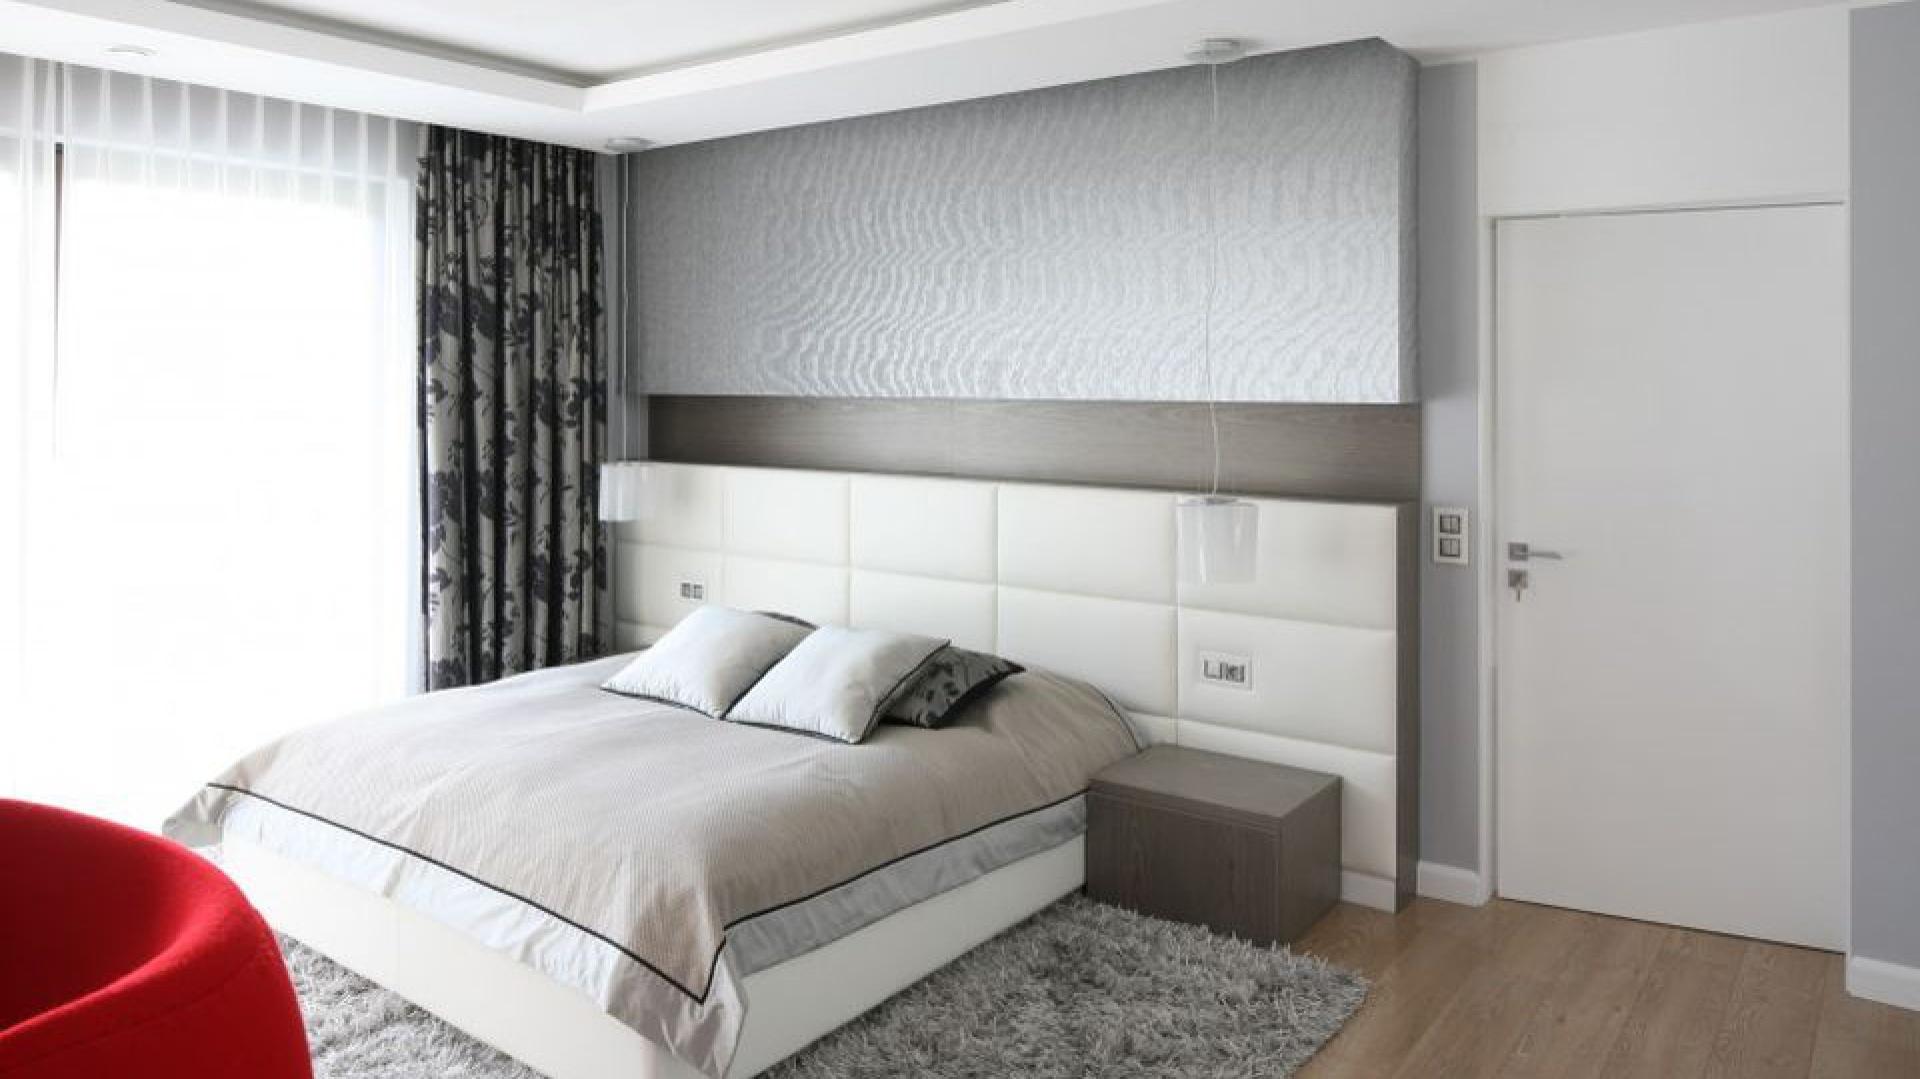 Ścianę za łóżkiem podzielono na trzy części. Dolną część obłożono białą tapicerką, która razem z łóżkiem w tym samym kolorze tworzy spójną całość. Ściana ta pełni również funkcję praktycznego zagłówka. Projekt: Agnieszka Hajdas-Obajtek. Fot. Bartosz Jarosz.